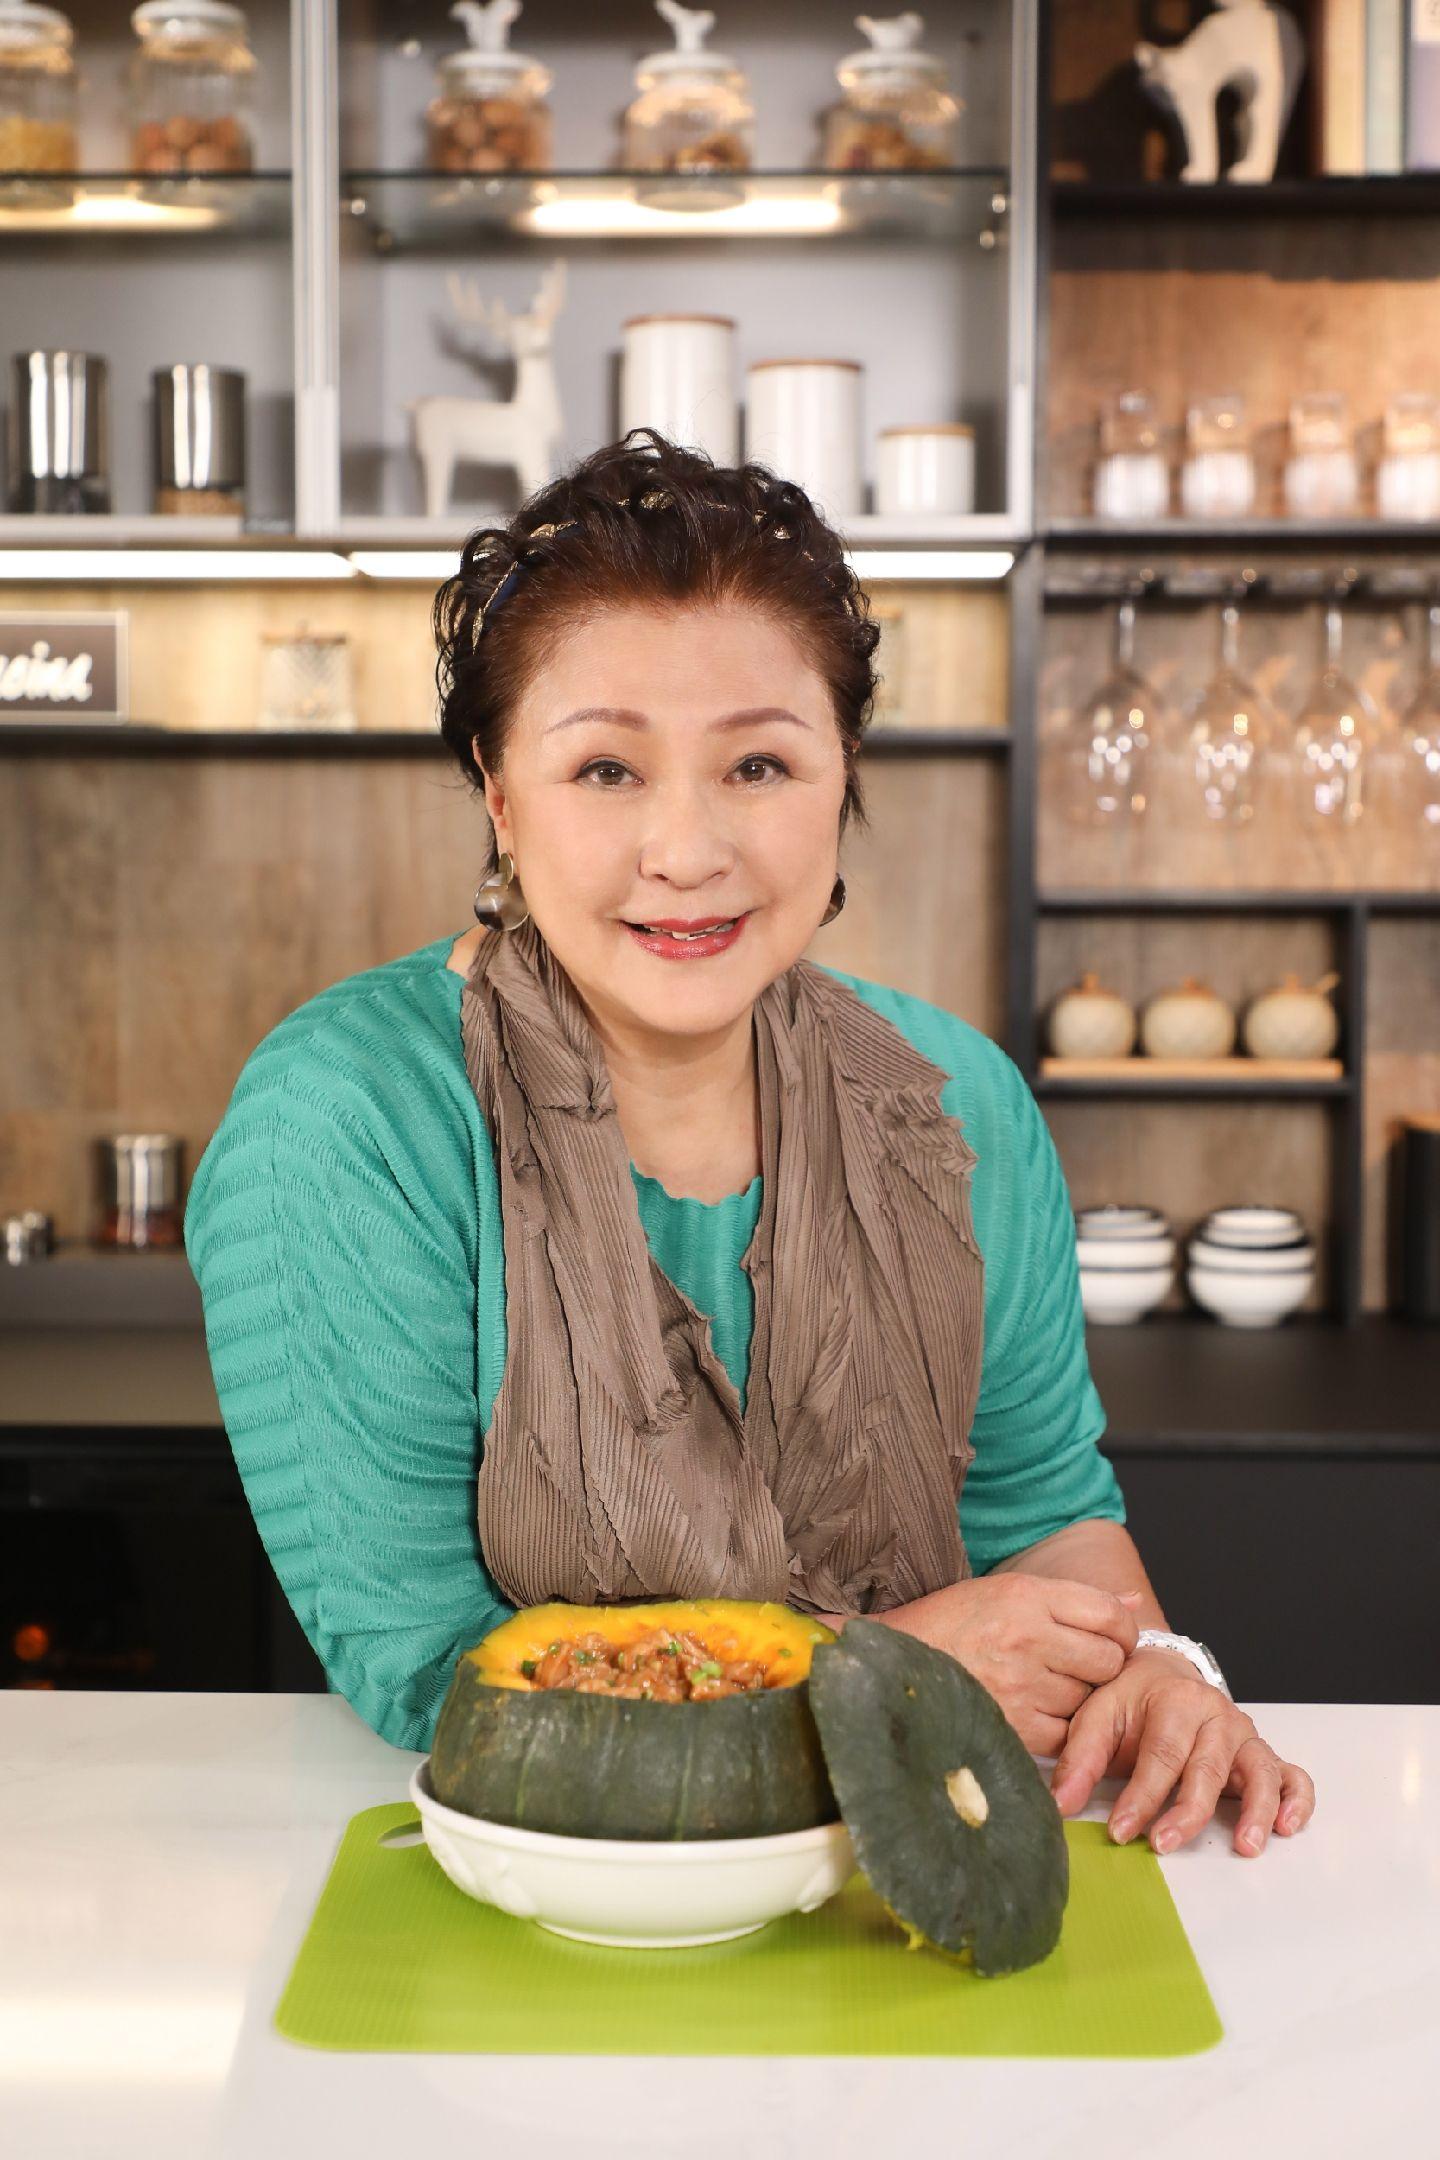 GiGi姐對煮食及主持拍檔都好有要求,倩揚被點名合作受寵若驚。